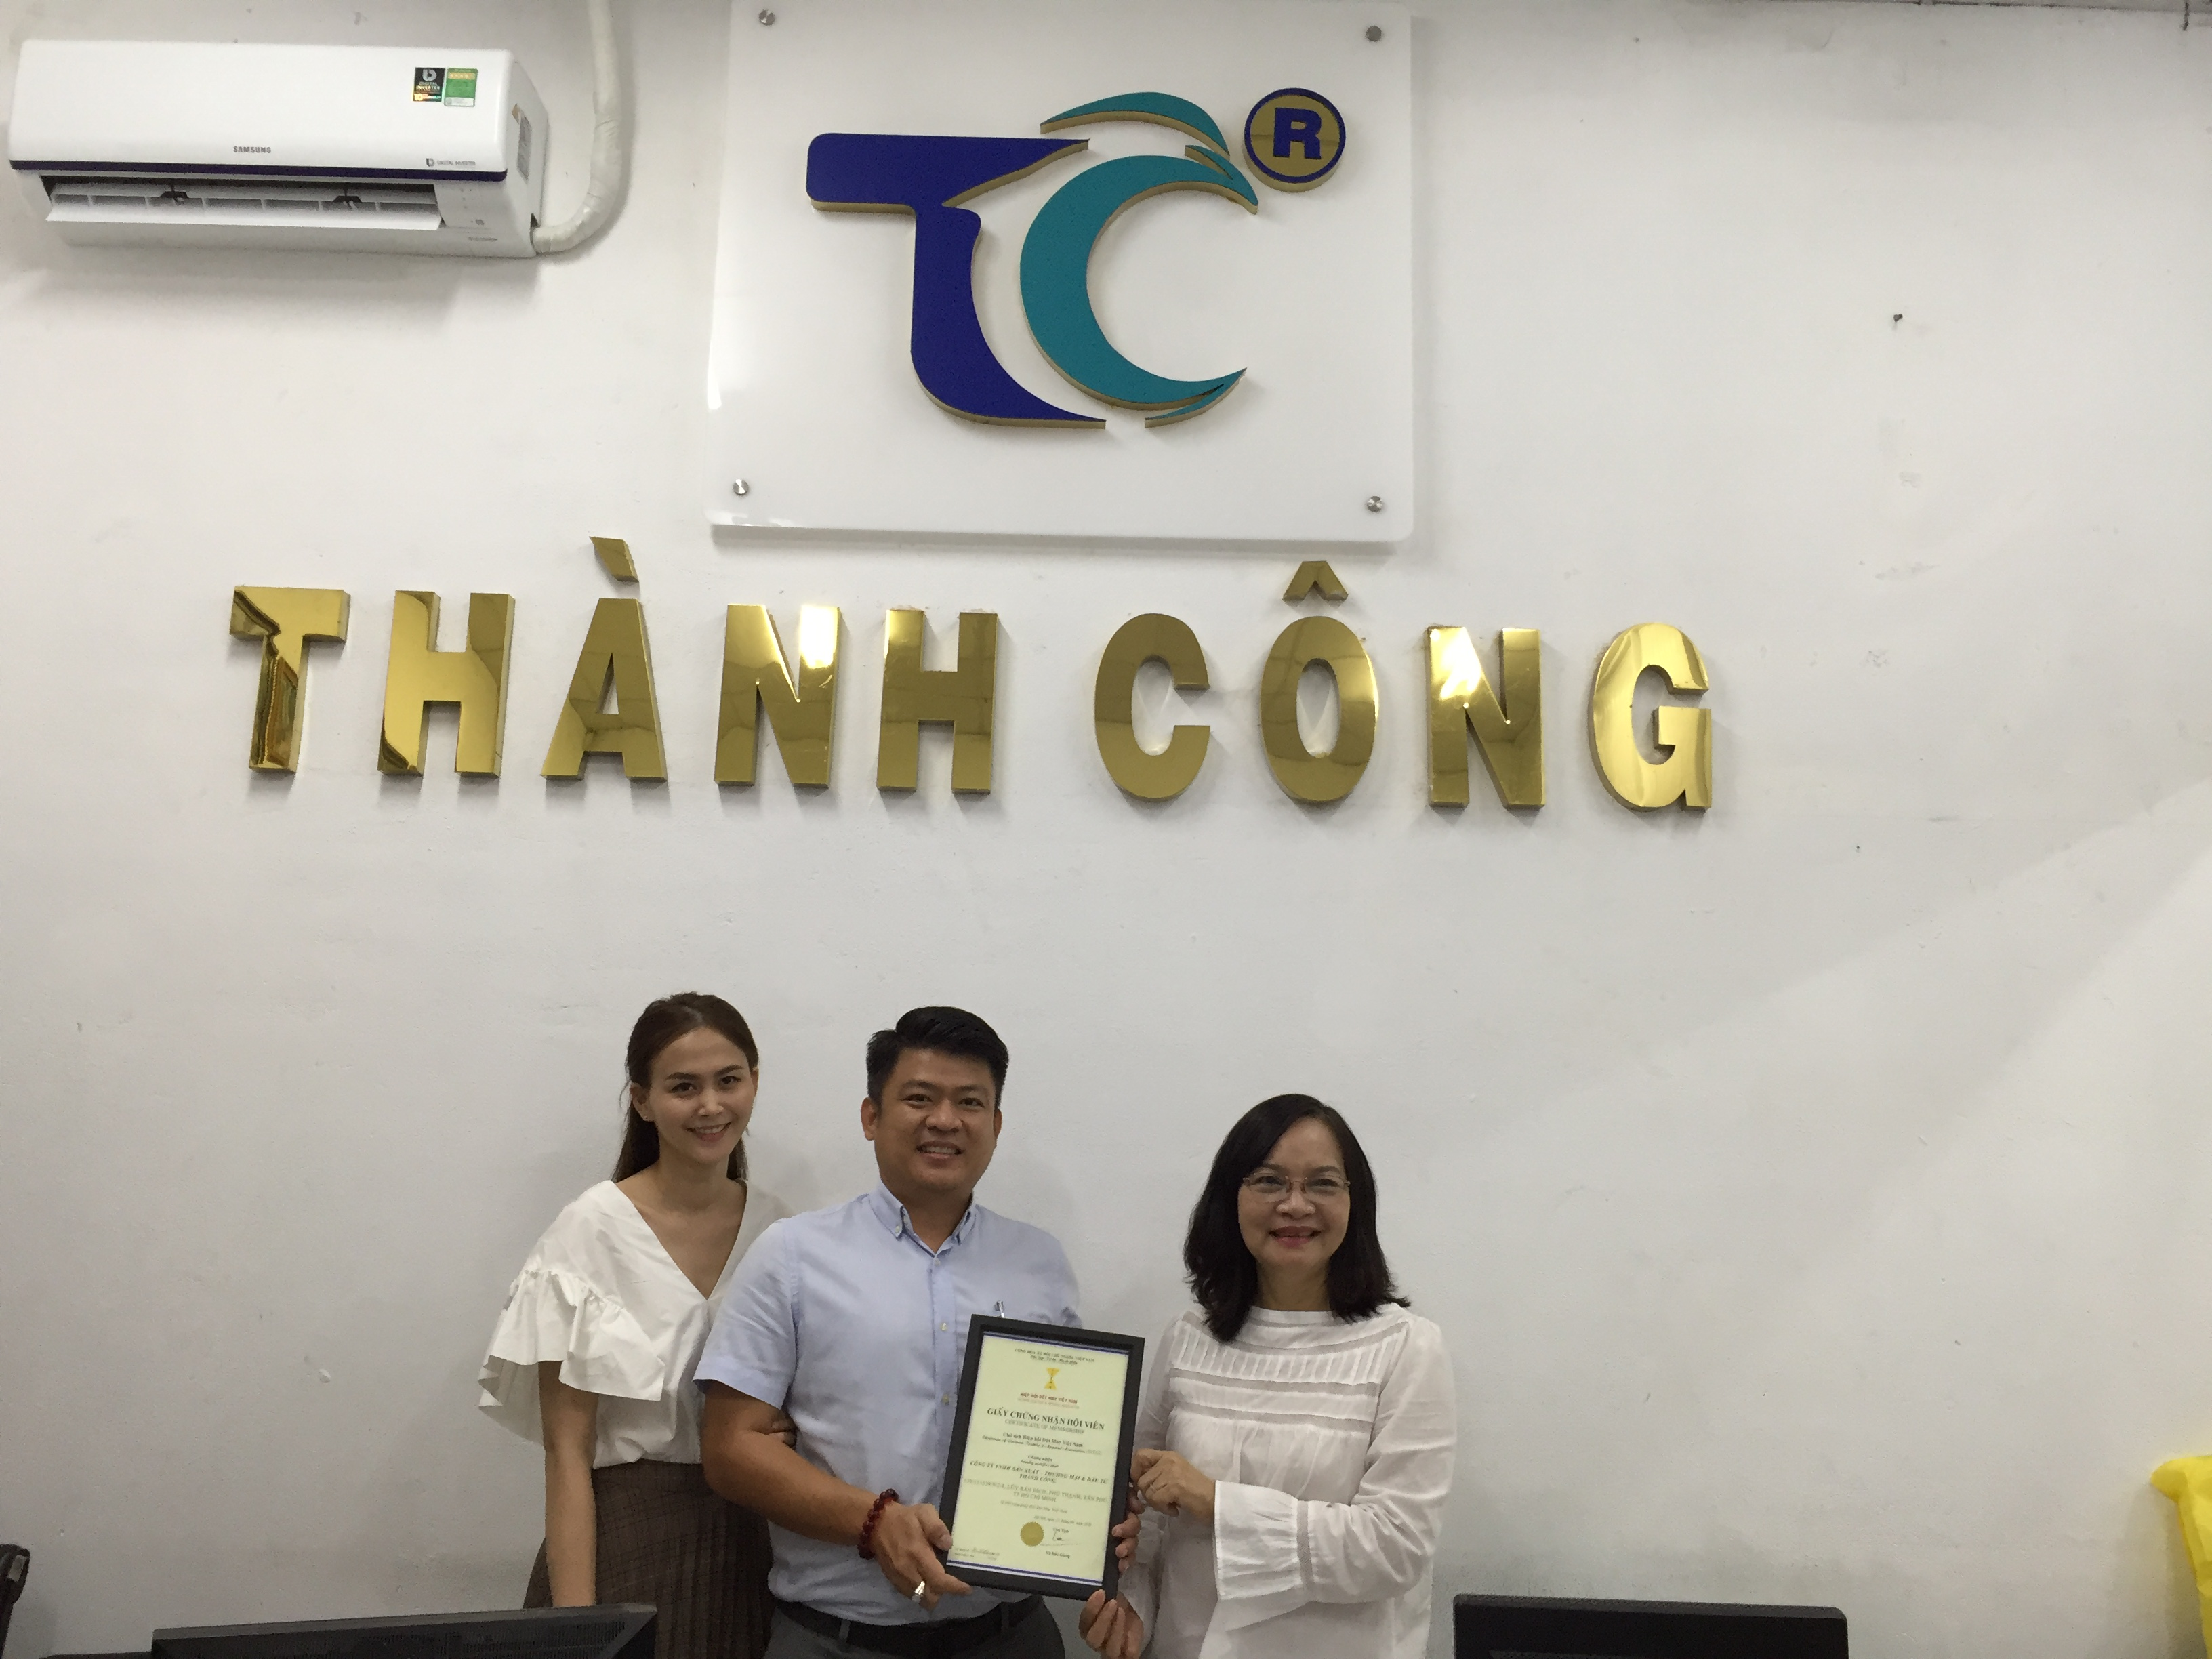 VITAS trao giấy chứng nhận hội viên mới cho Công ty TNHH SX TM & ĐT Thành Công